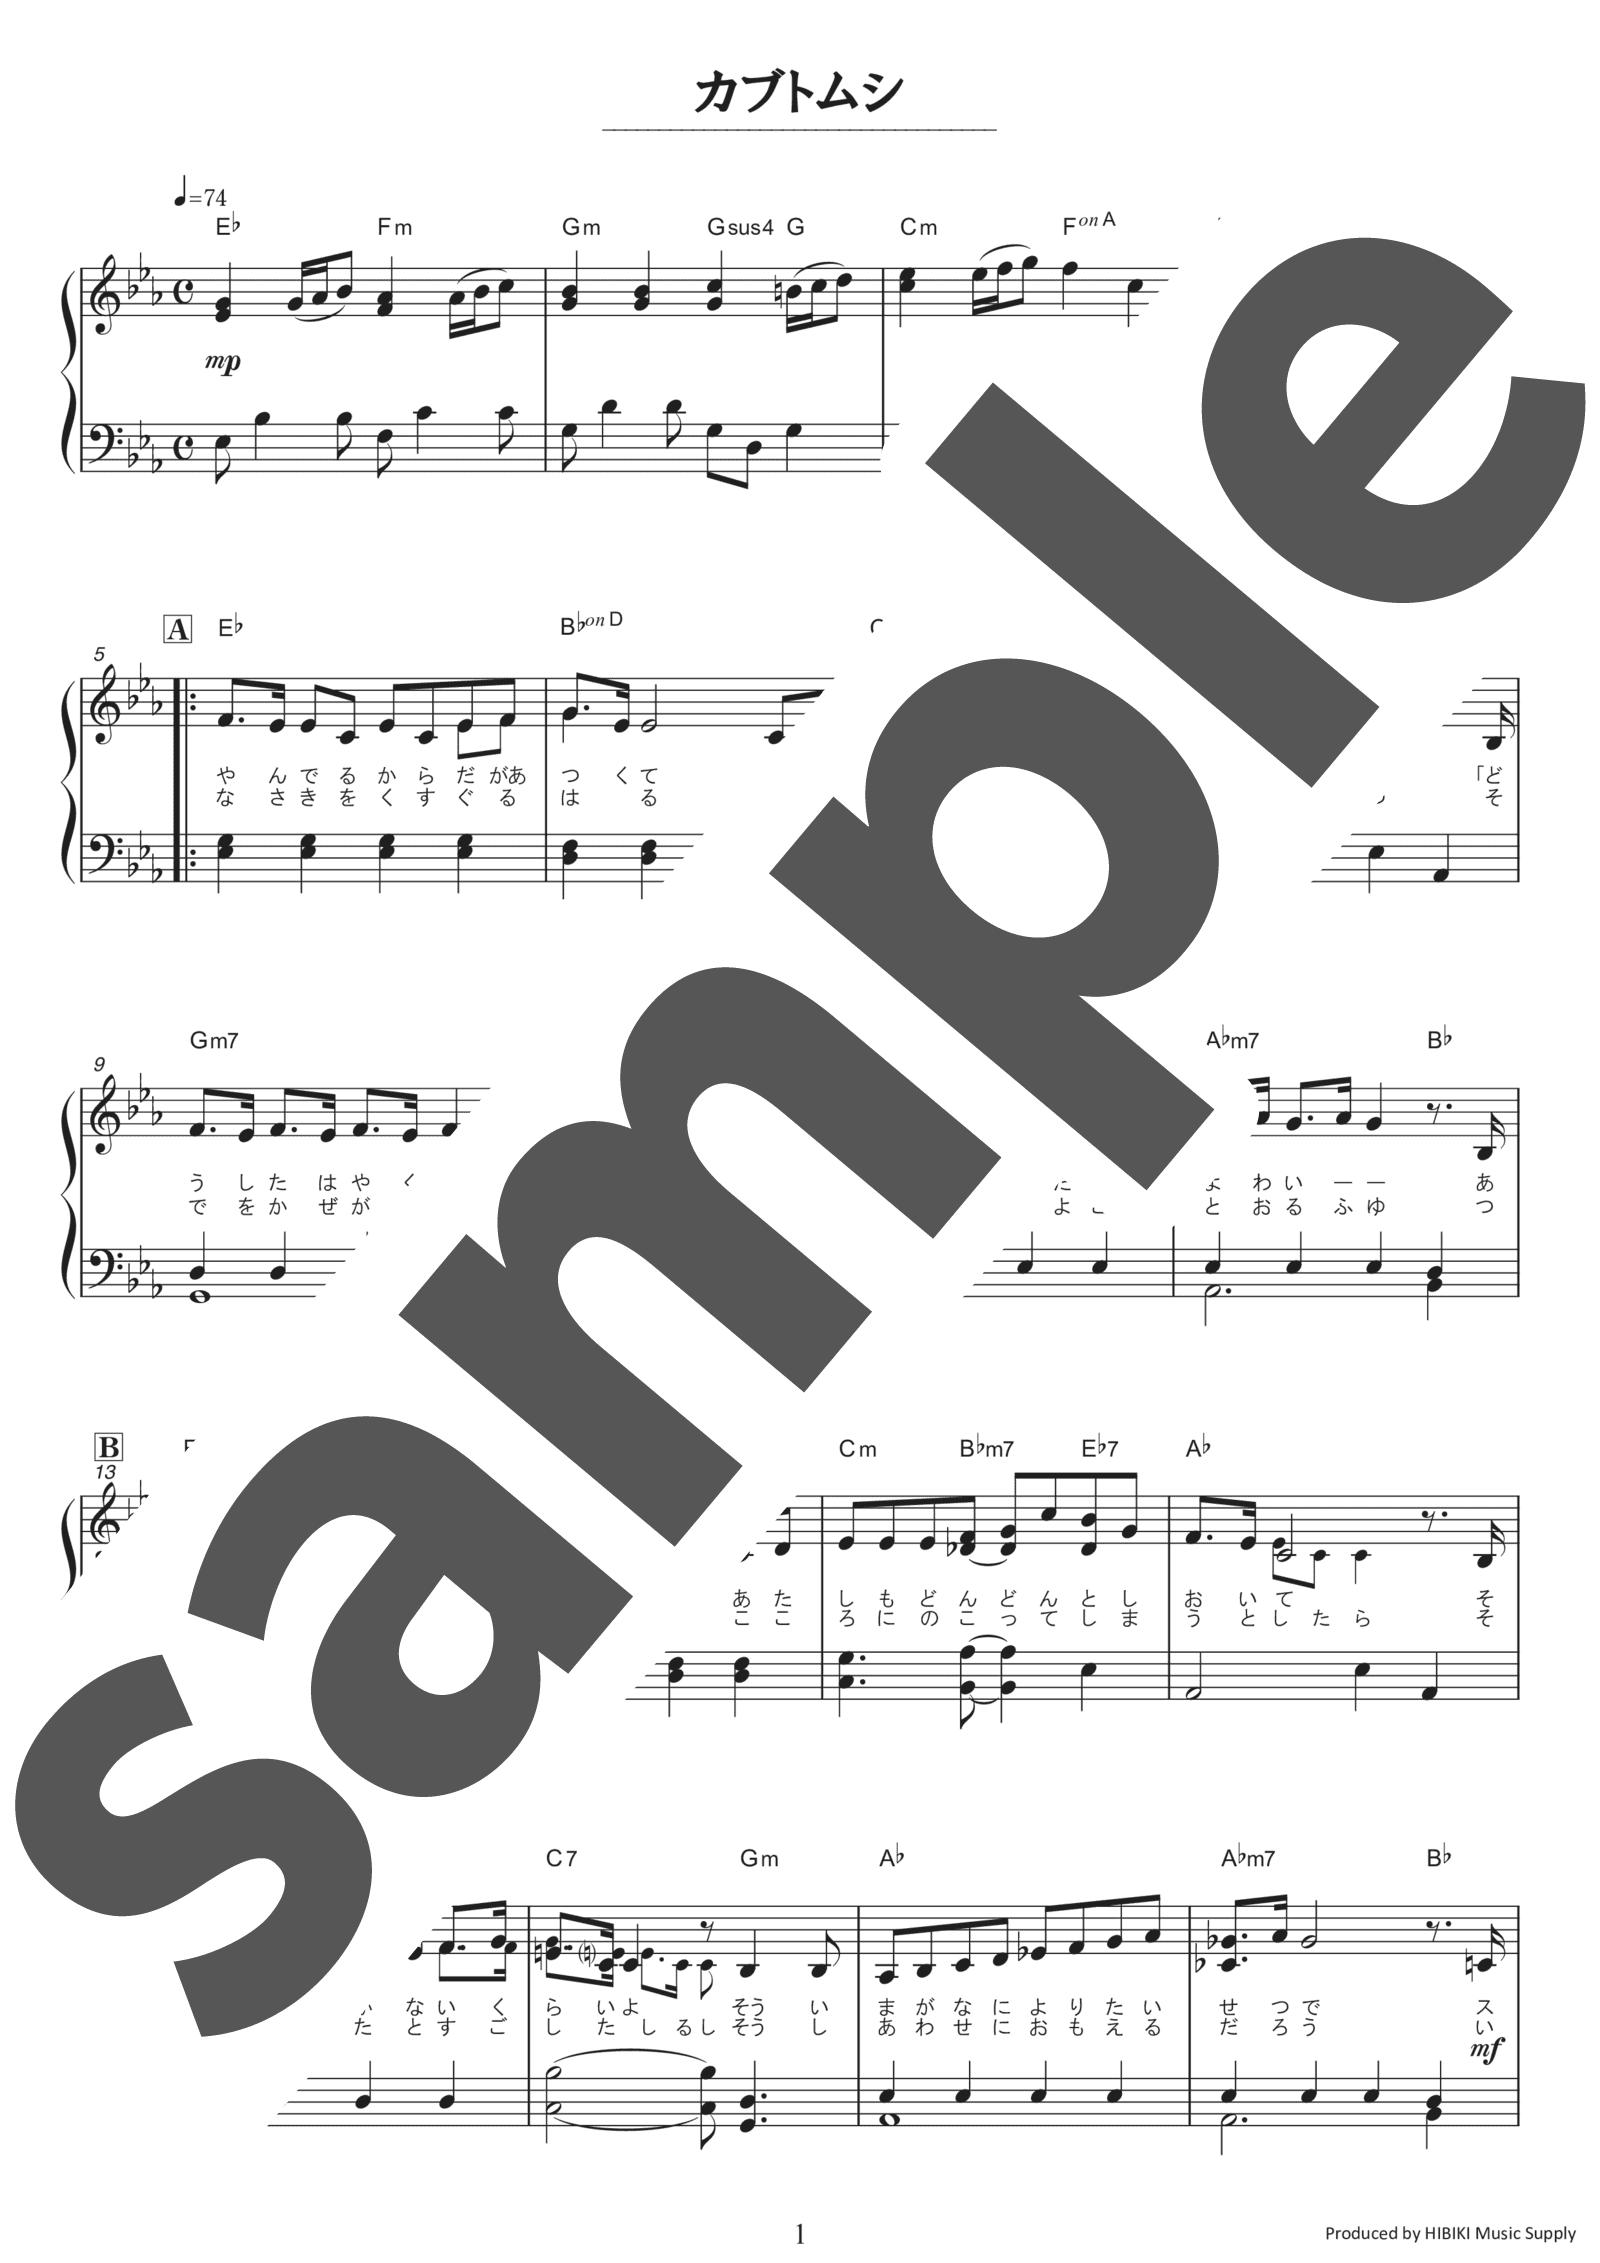 「カブトムシ」のサンプル楽譜